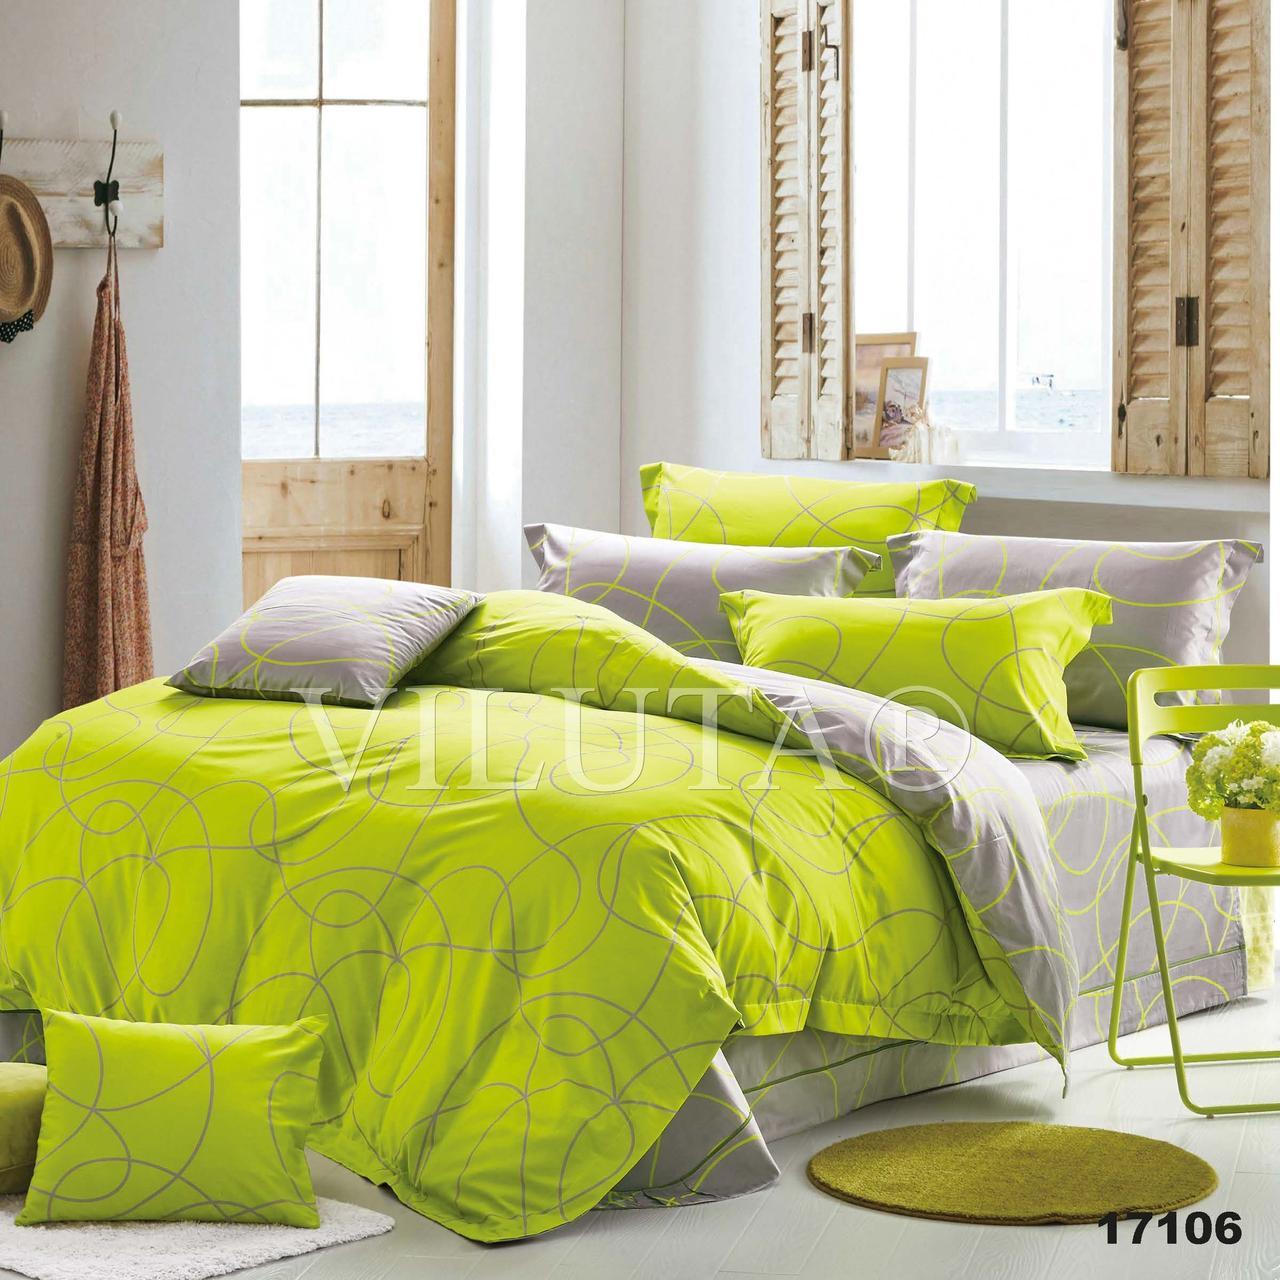 Viluta Комплект постельного белья вилюта 17106